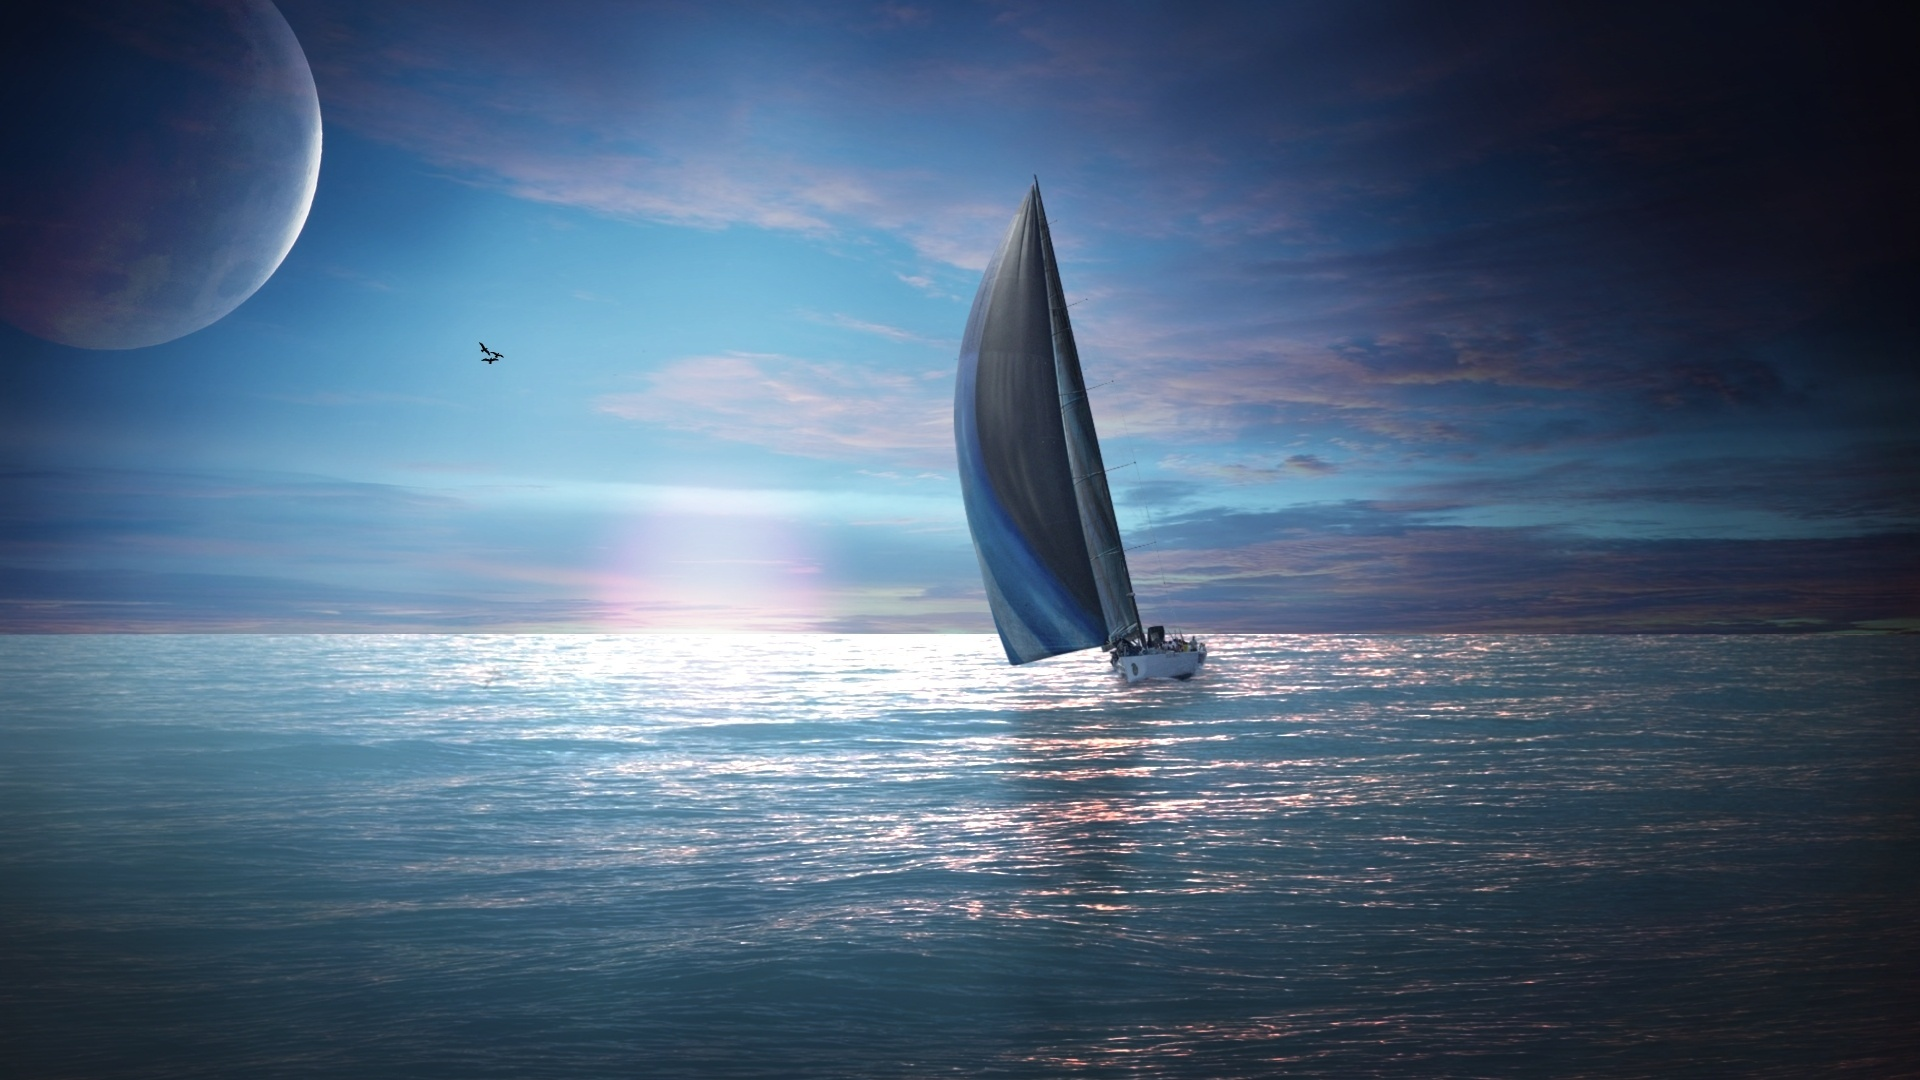 открытое море с яхтами загрузить